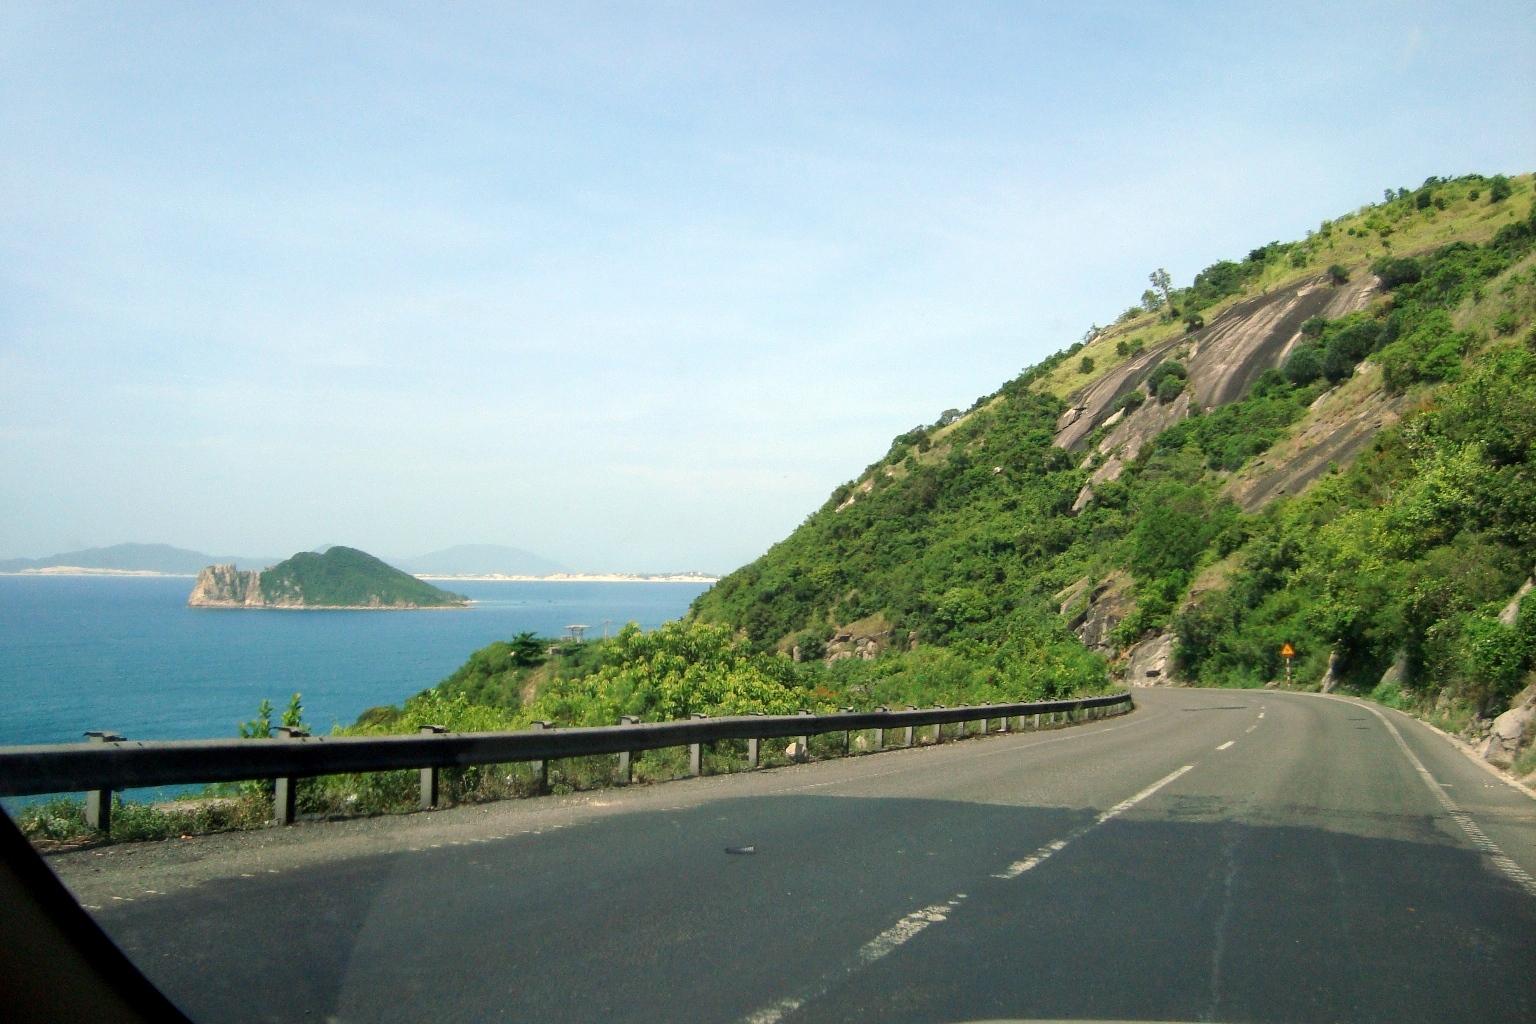 Bình Định – Phú yên - Khánh Hòa – Ninh Thuận – Bình Thuận – Vũng Tàu - cung  đường ven biển đẹp nhất Việt Nam | HappyGoTravel